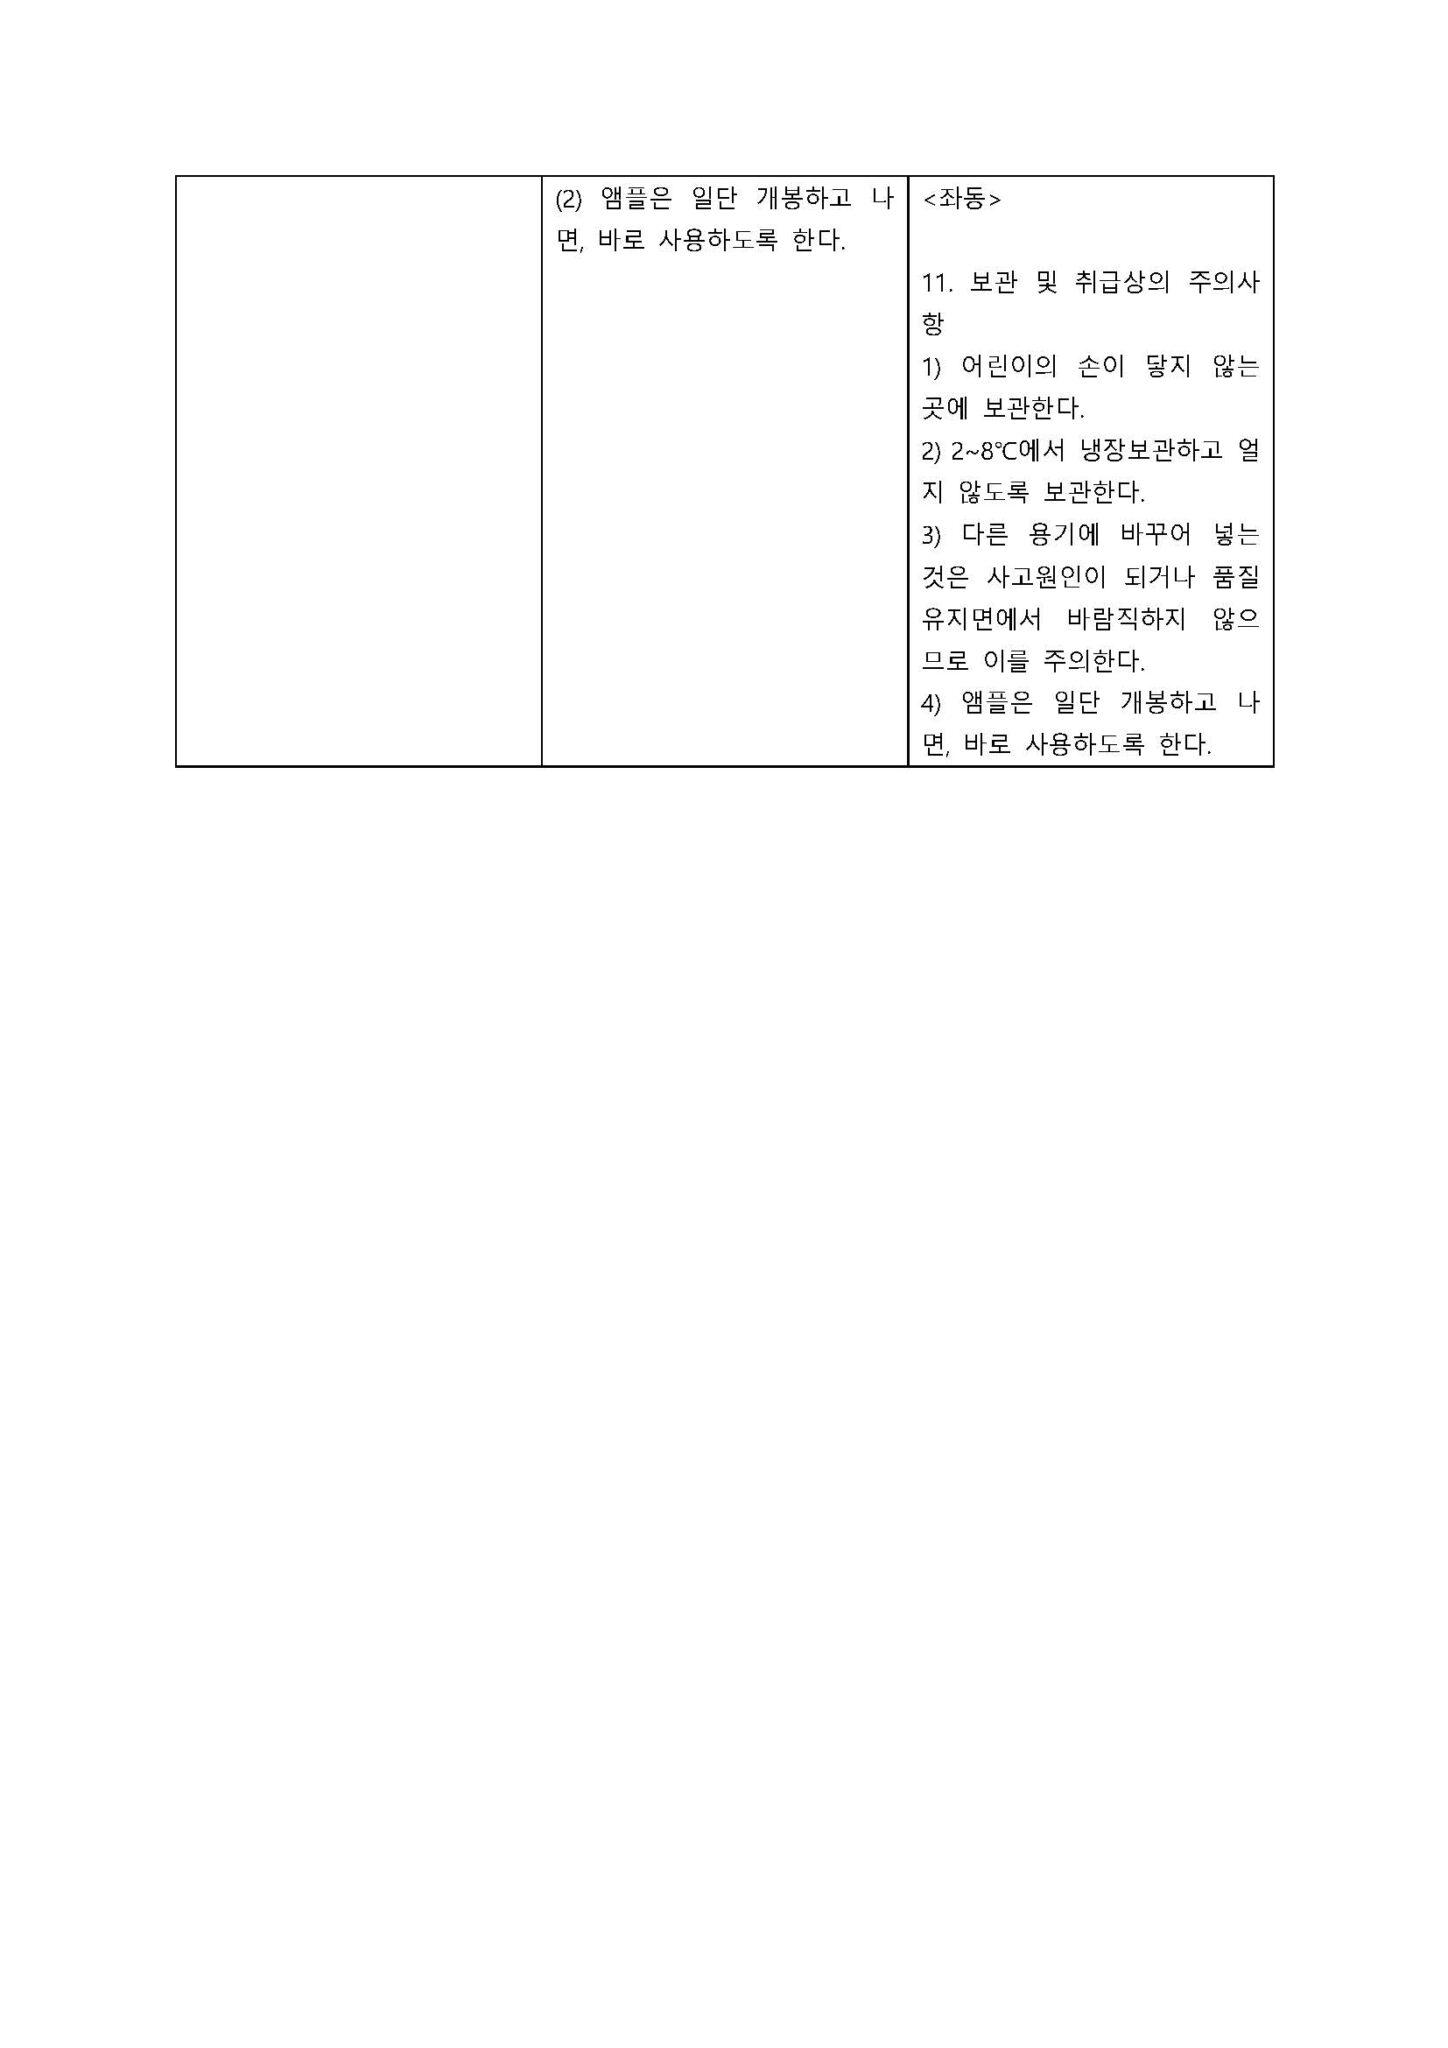 듀라토신주(카르베토신) 변경일 2014.01.30